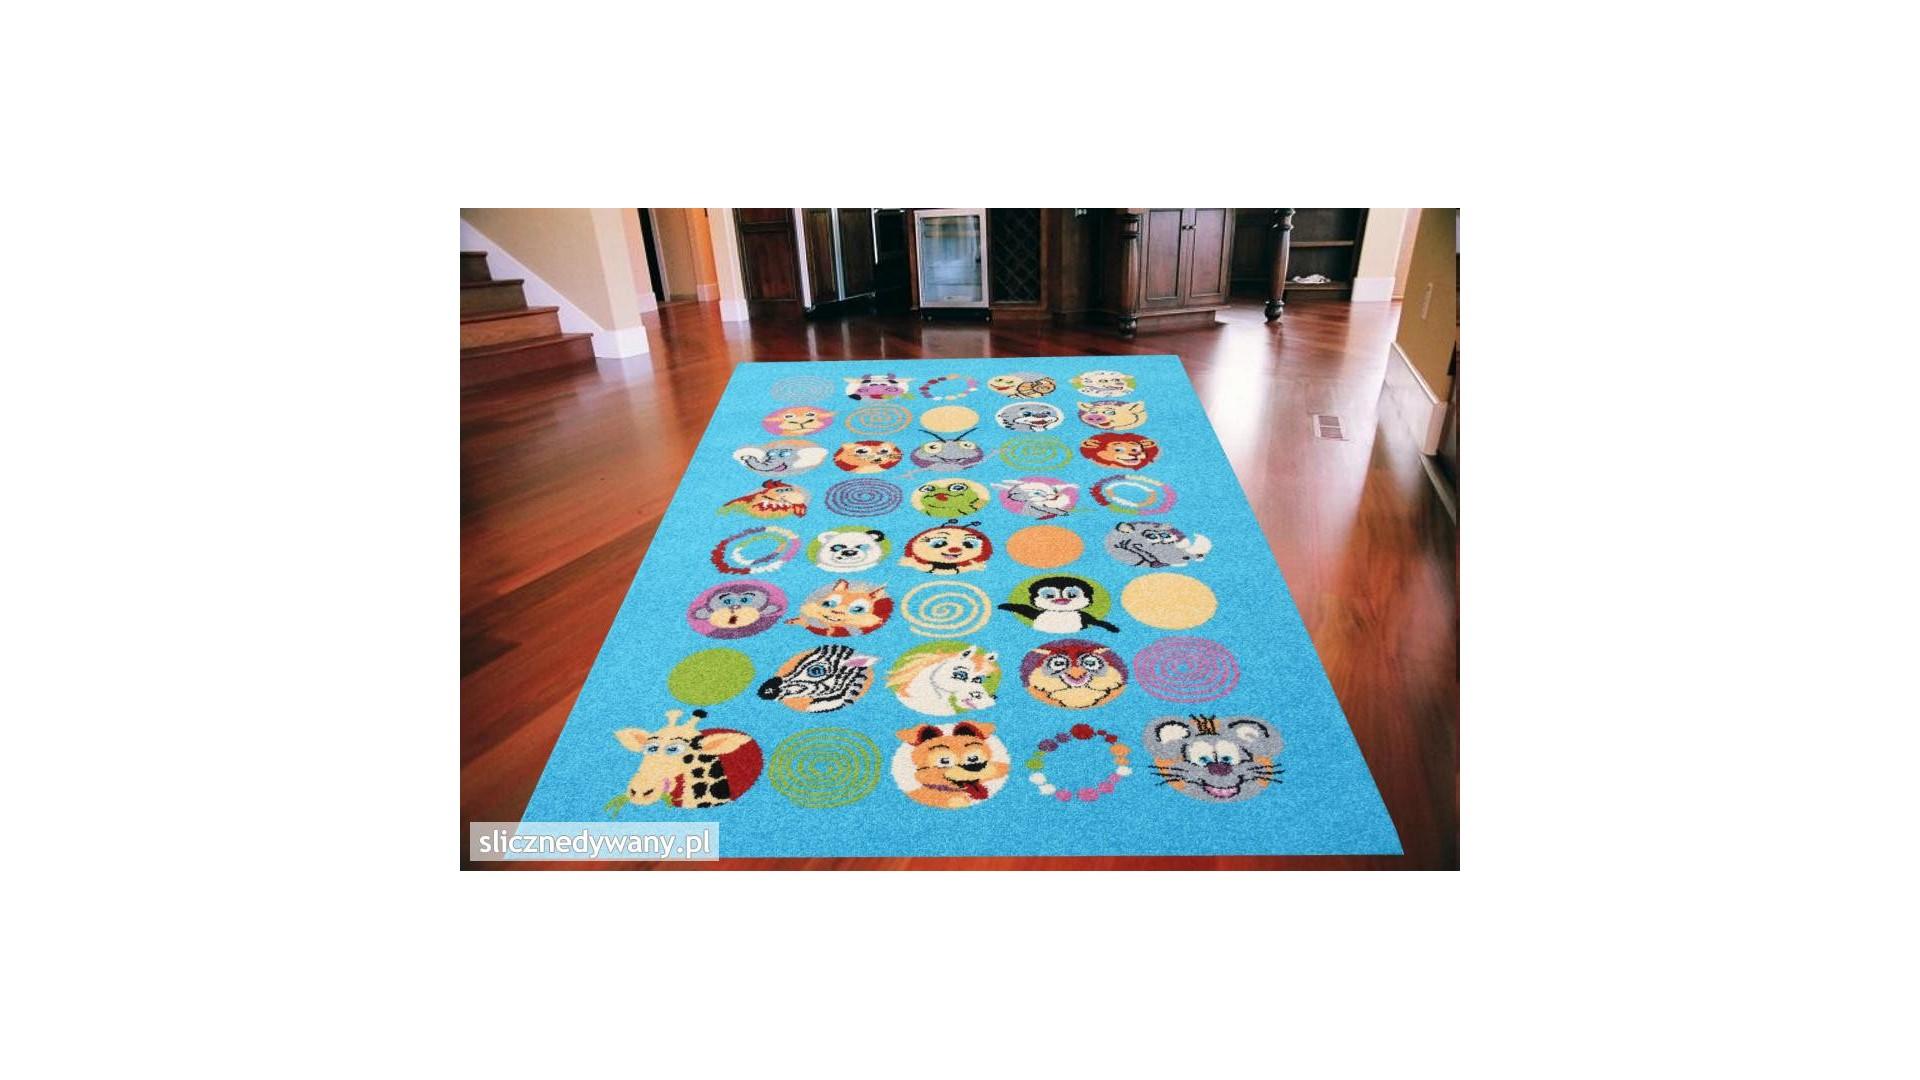 Przepiękny dywan do pokoju dziecięcego.